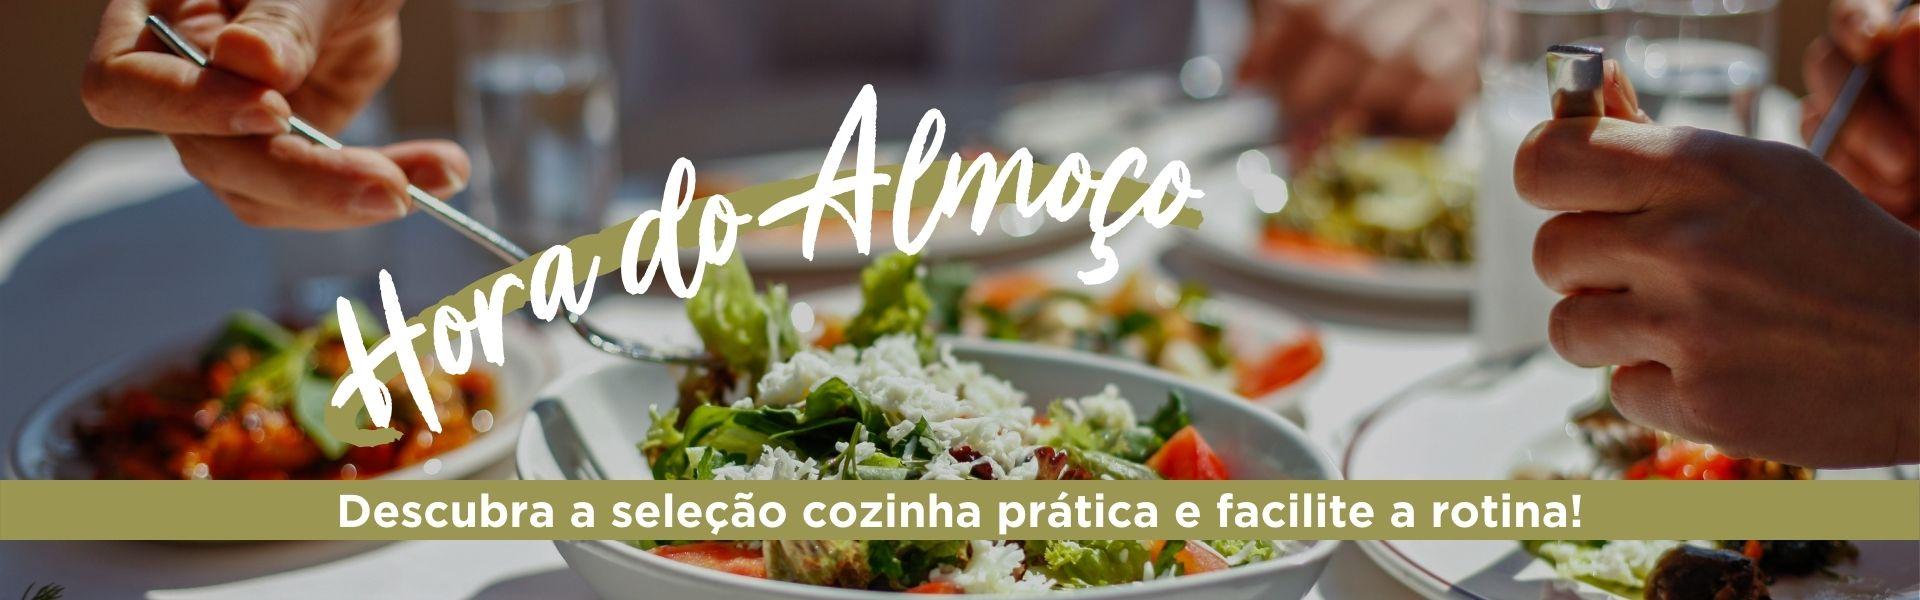 05.21 - Cozinha Prática